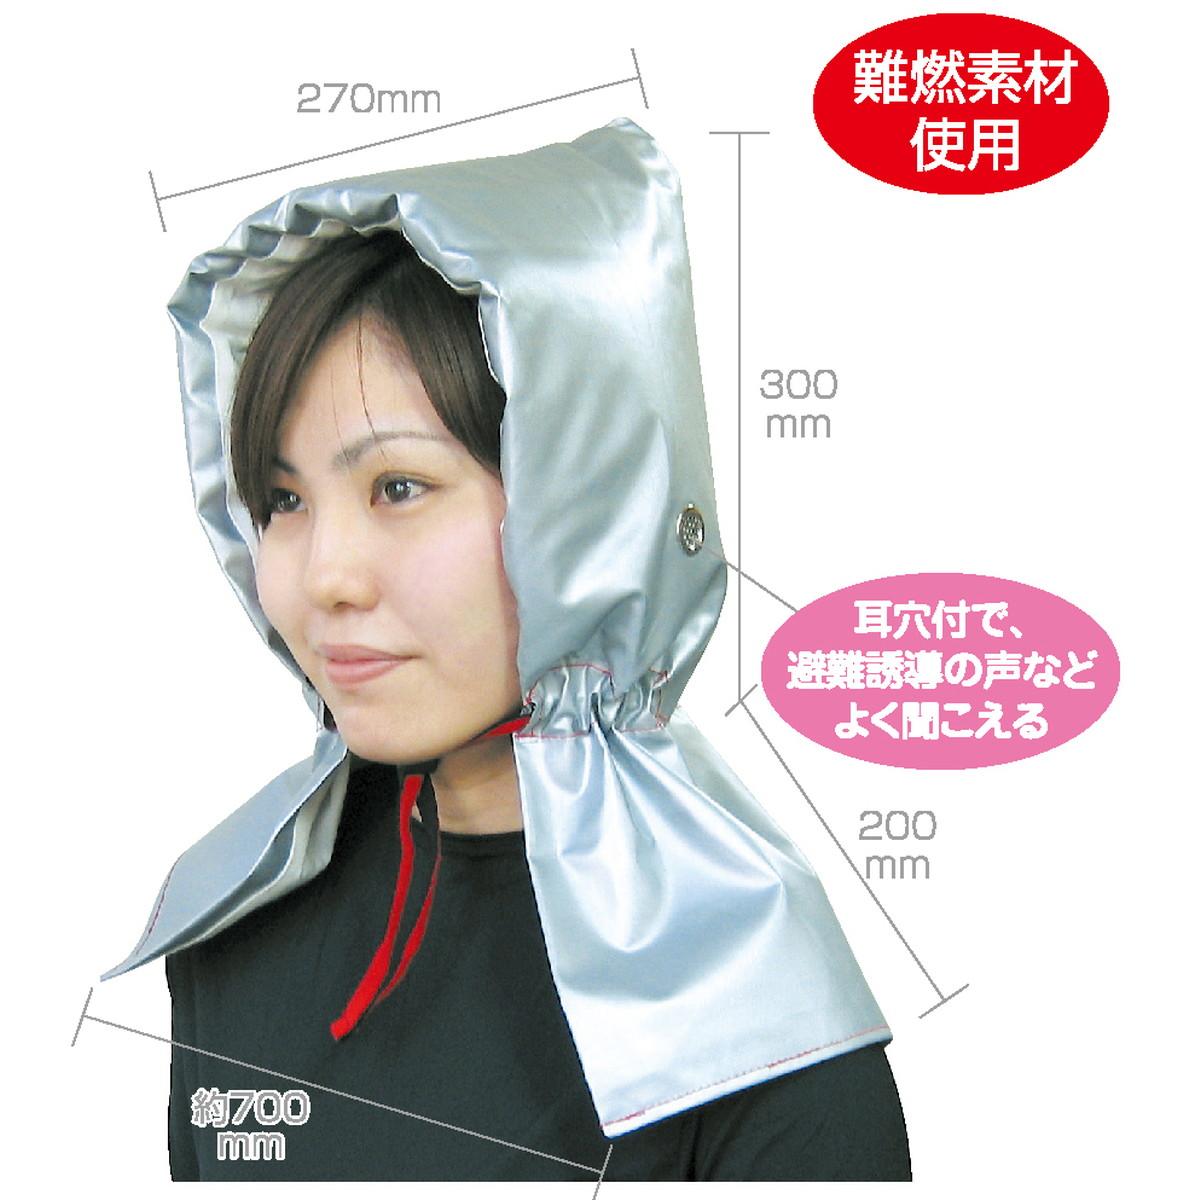 Artec アーテック セール品 大人用防災ずきん アウトレット #3979